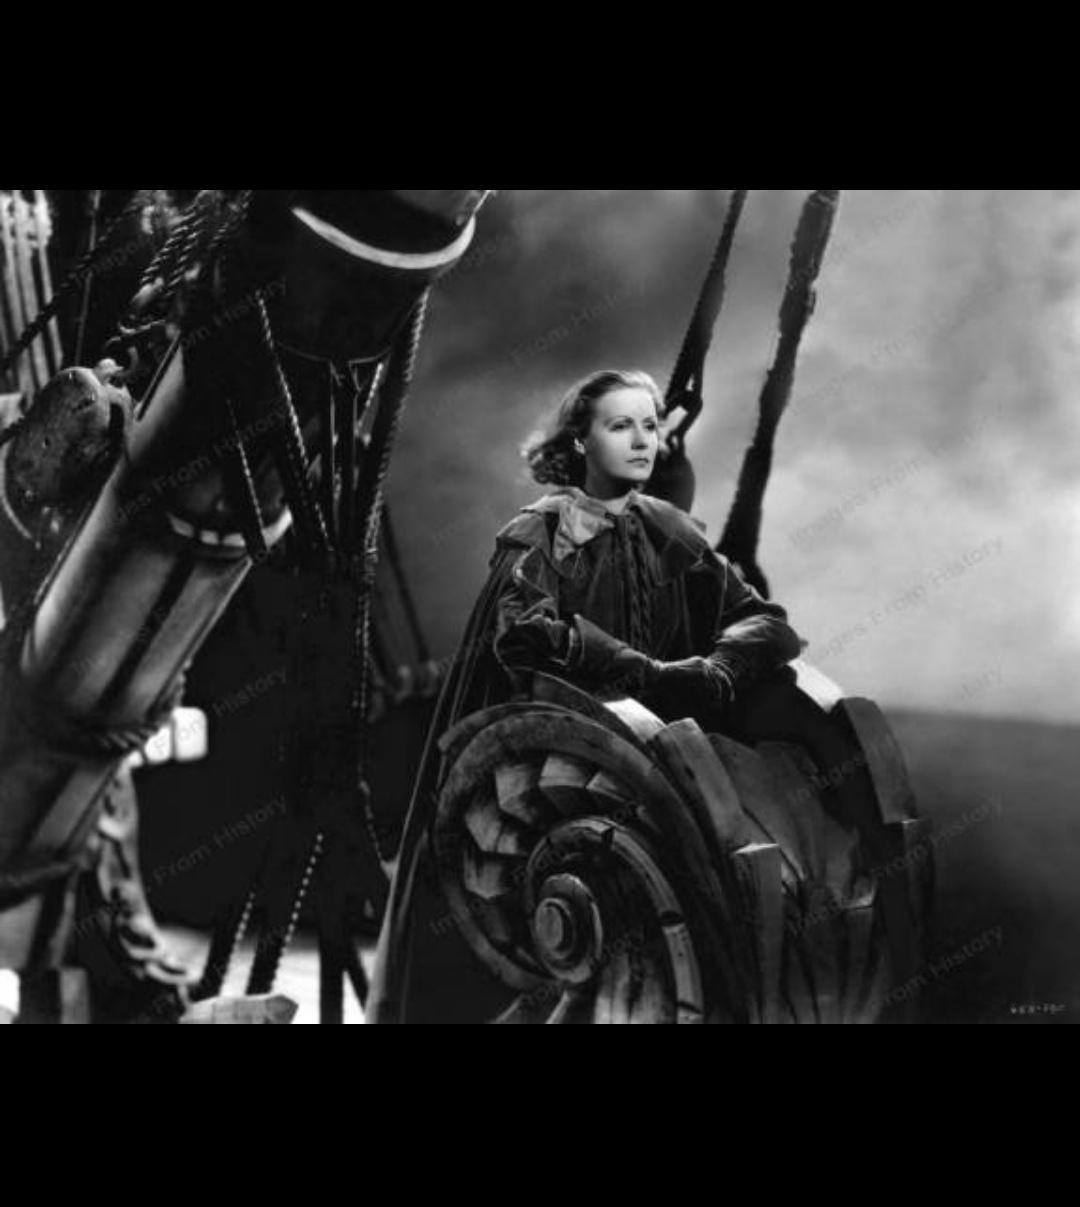 """图十二:《琼宫恨史》剧照。嘉宝饰演瑞典女王克里斯蒂娜说""""我们启航。风在送我们……""""(图片来自网络).jpg"""